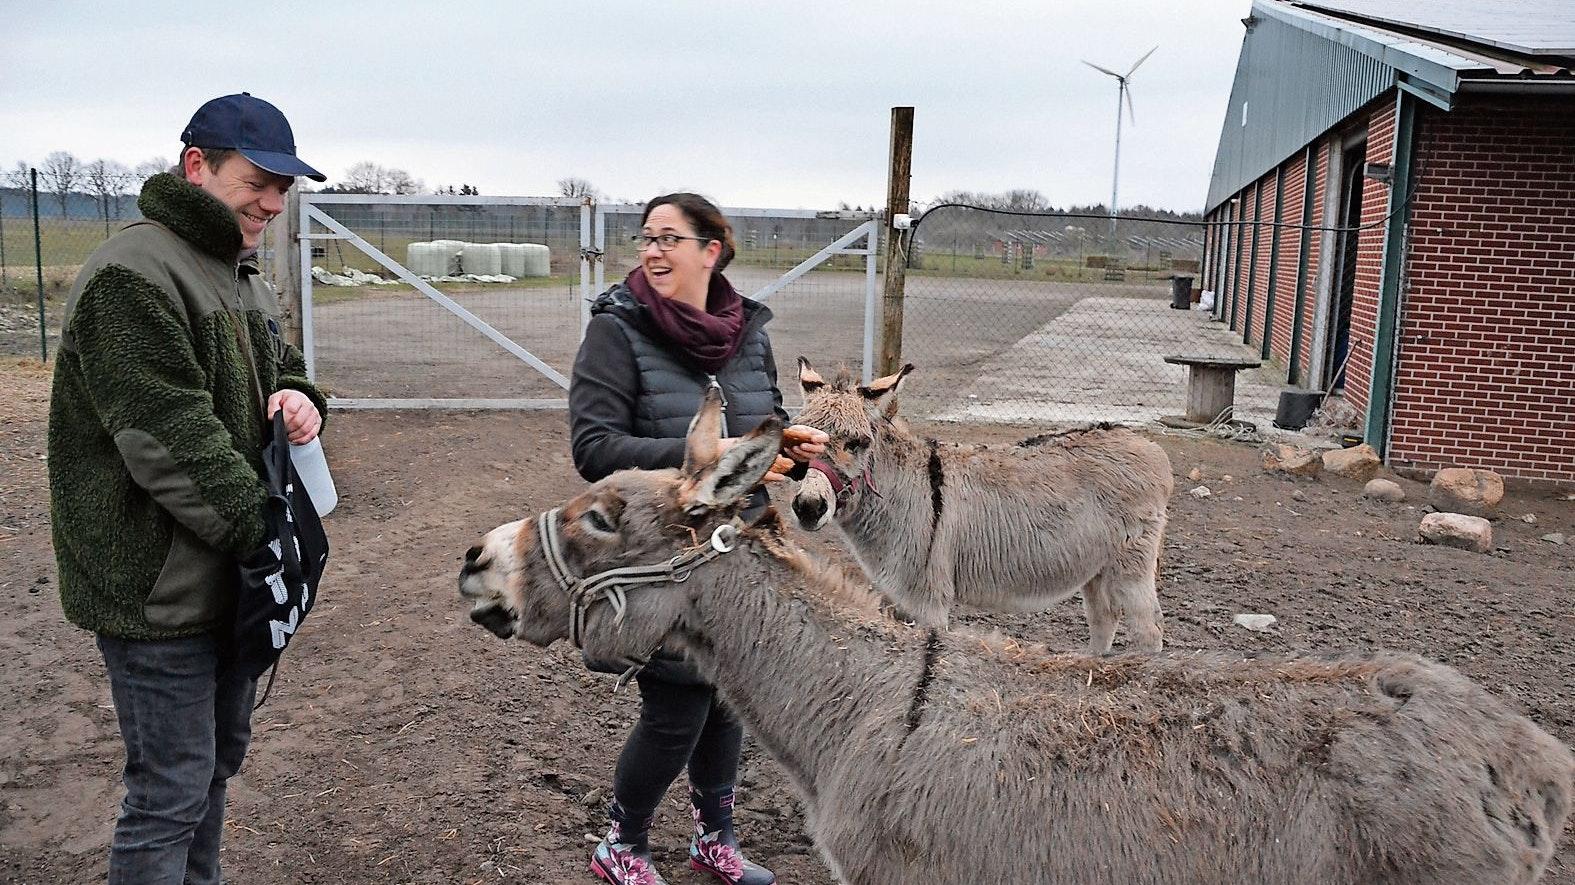 Selbstbewusst: Auf ihre Esel können sich Sandra und Wilhelm Büter verlassen. Die Tiere sind zutraulich - und wehrhaft. Foto: Meyer